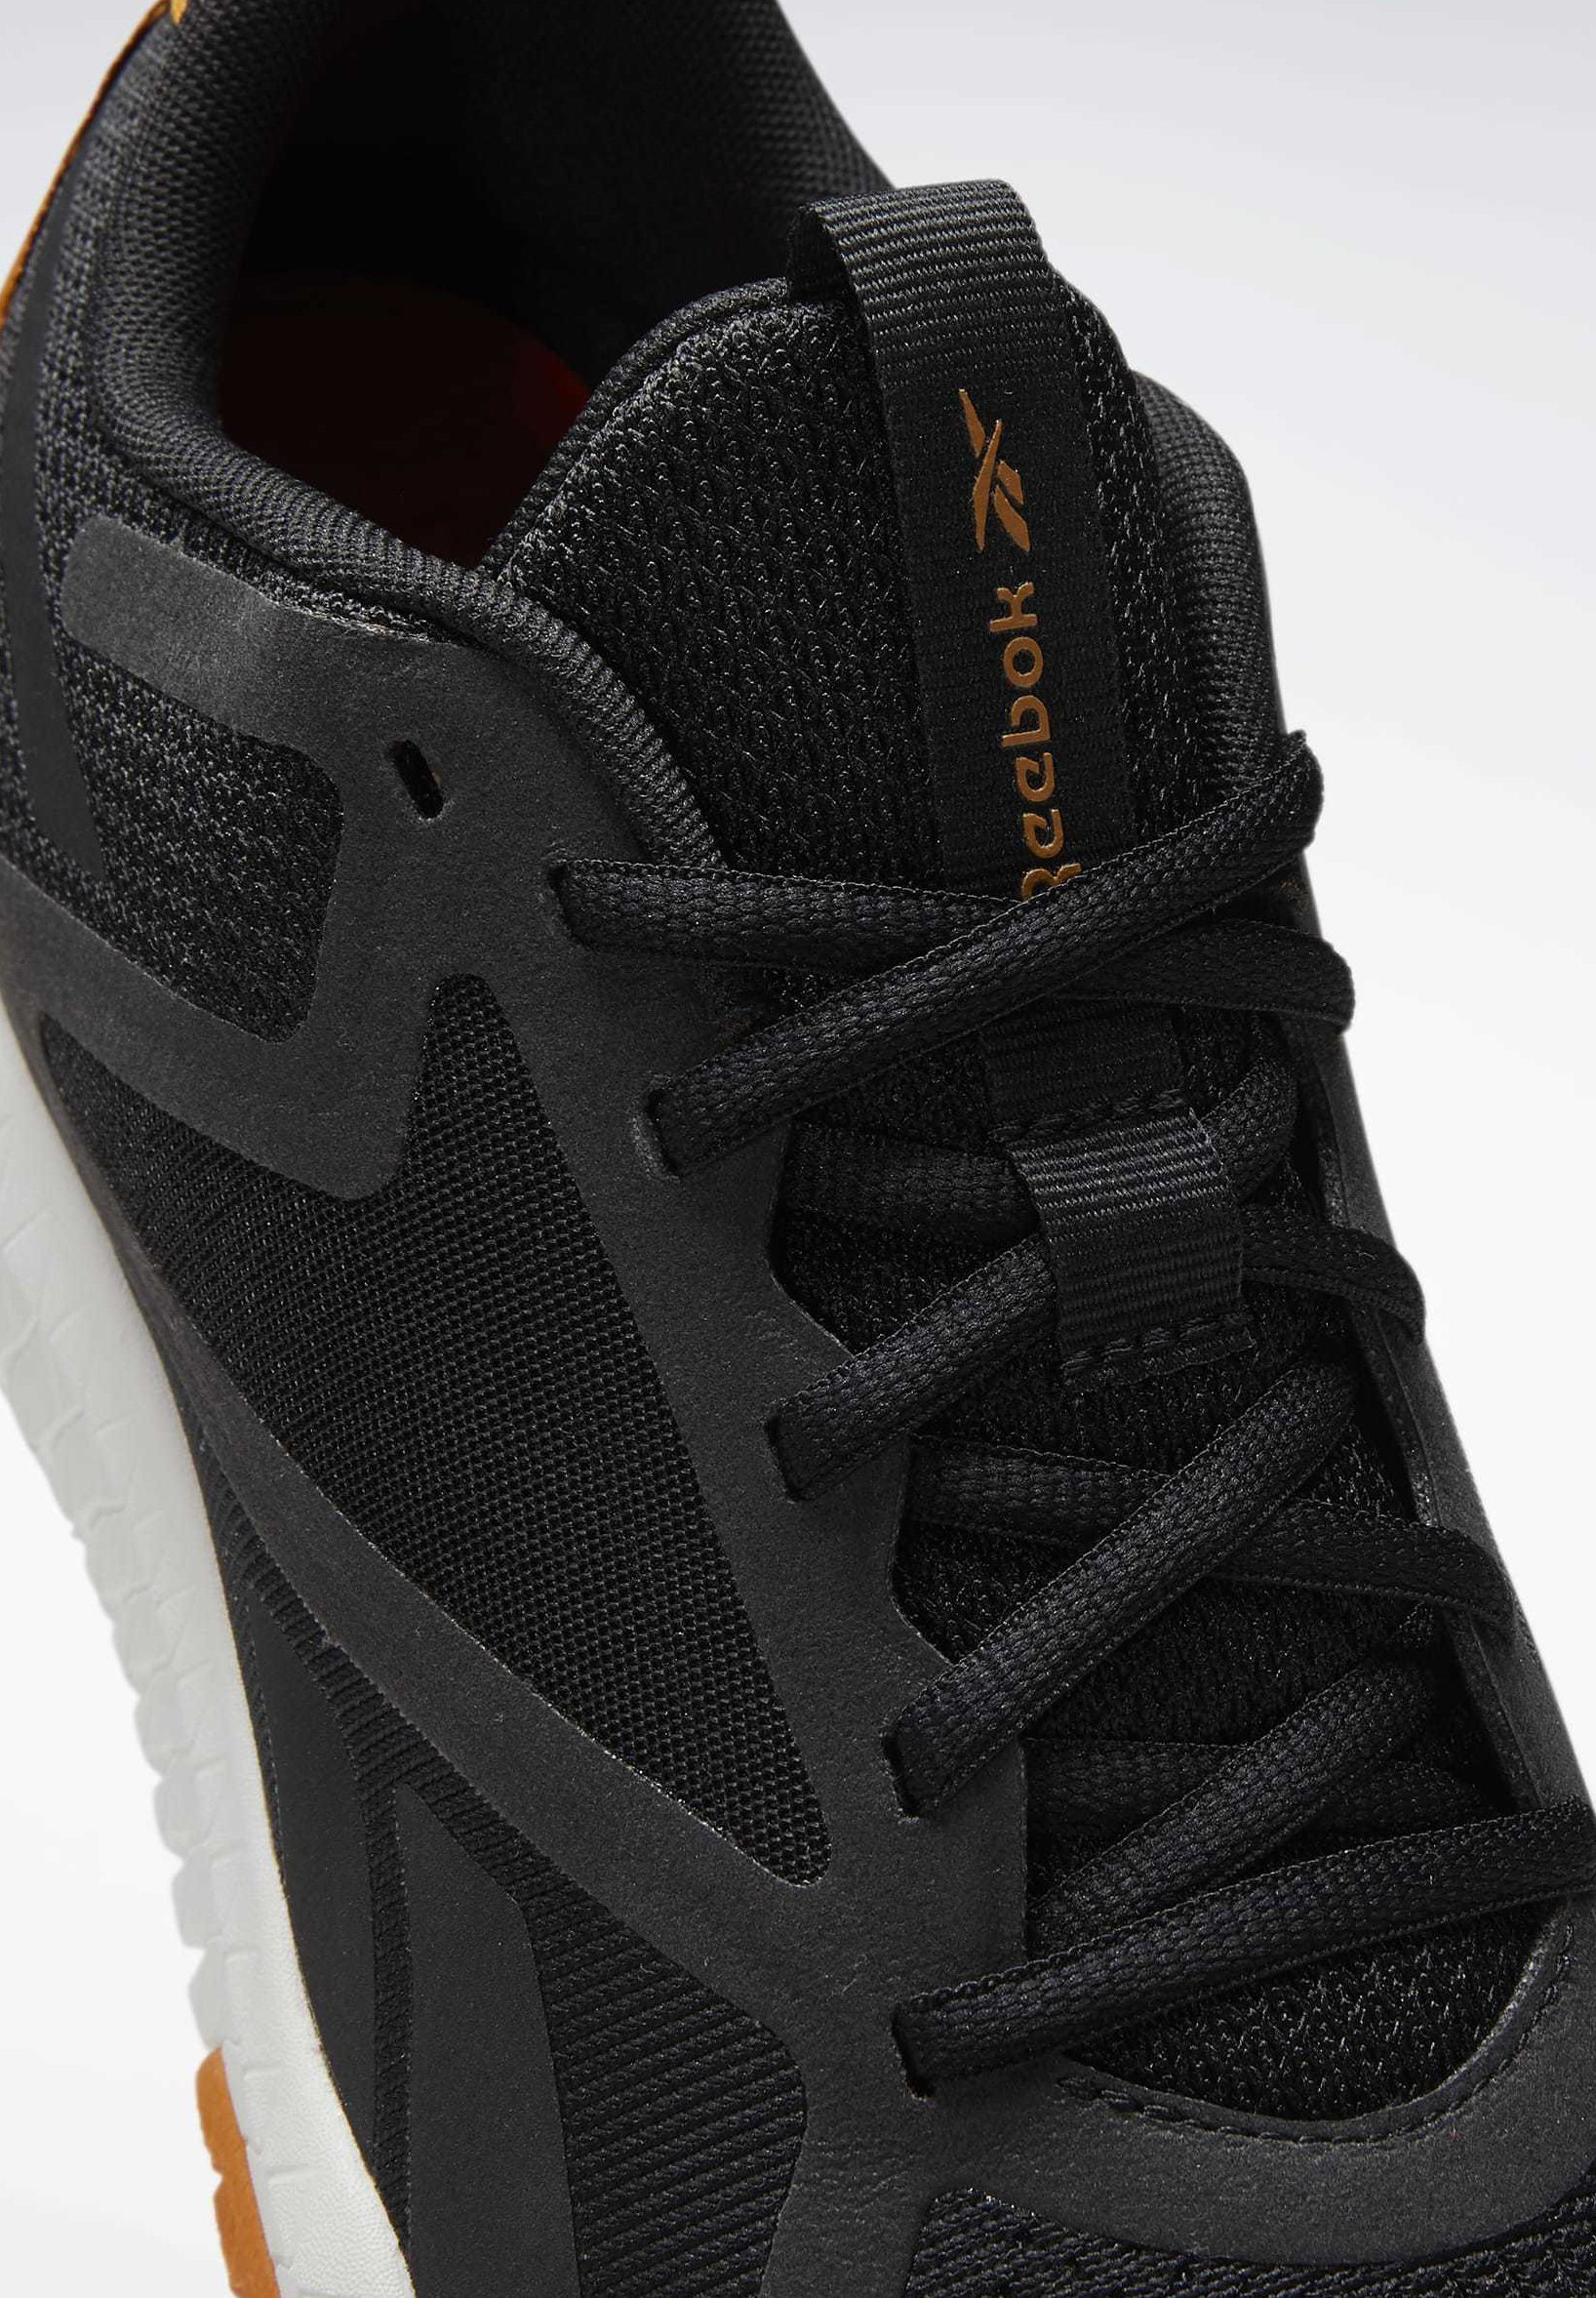 Reebok Flexagon Force 2 Shoes - Løbesko Stabilitet Black